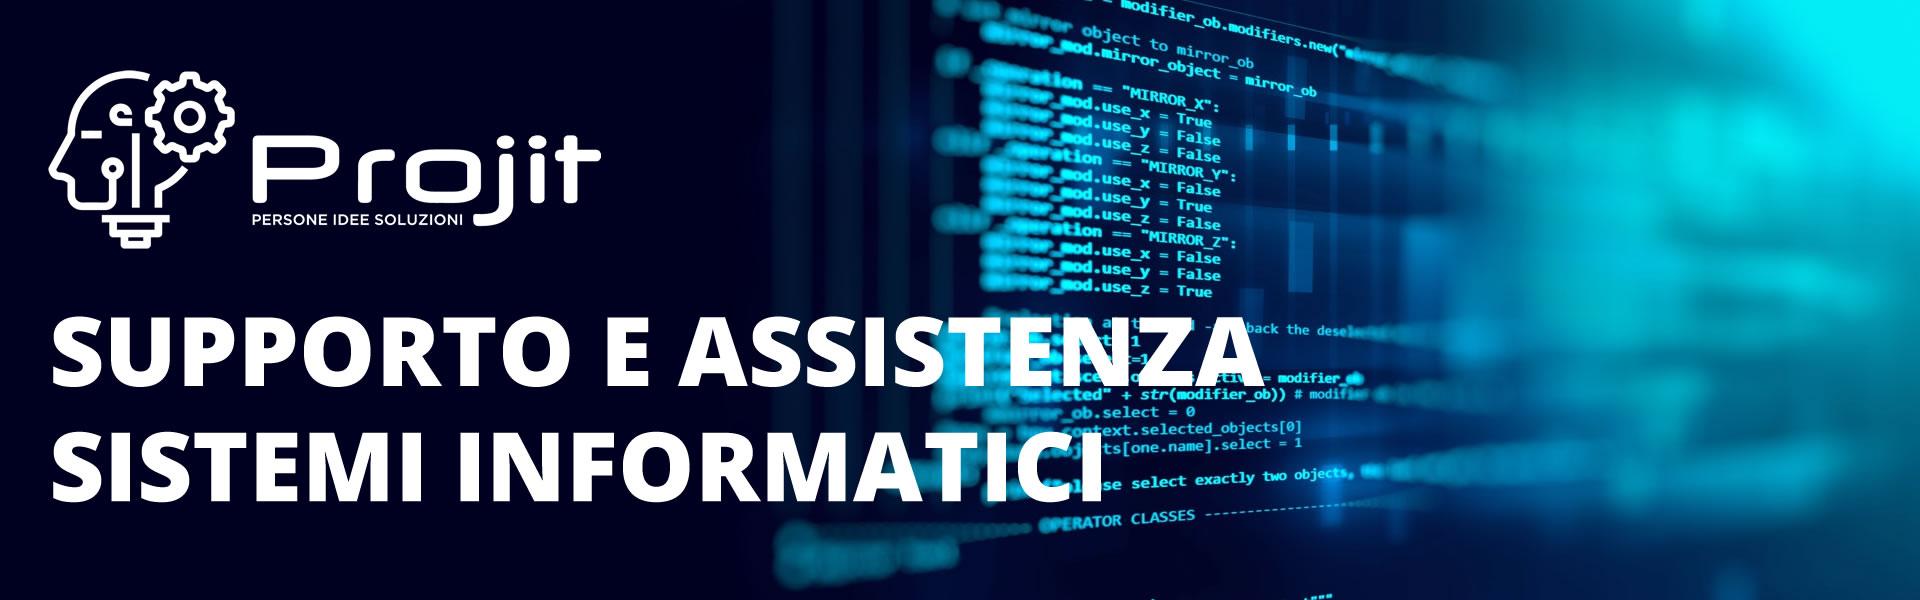 supporto-assistenza-sistemi-informatici